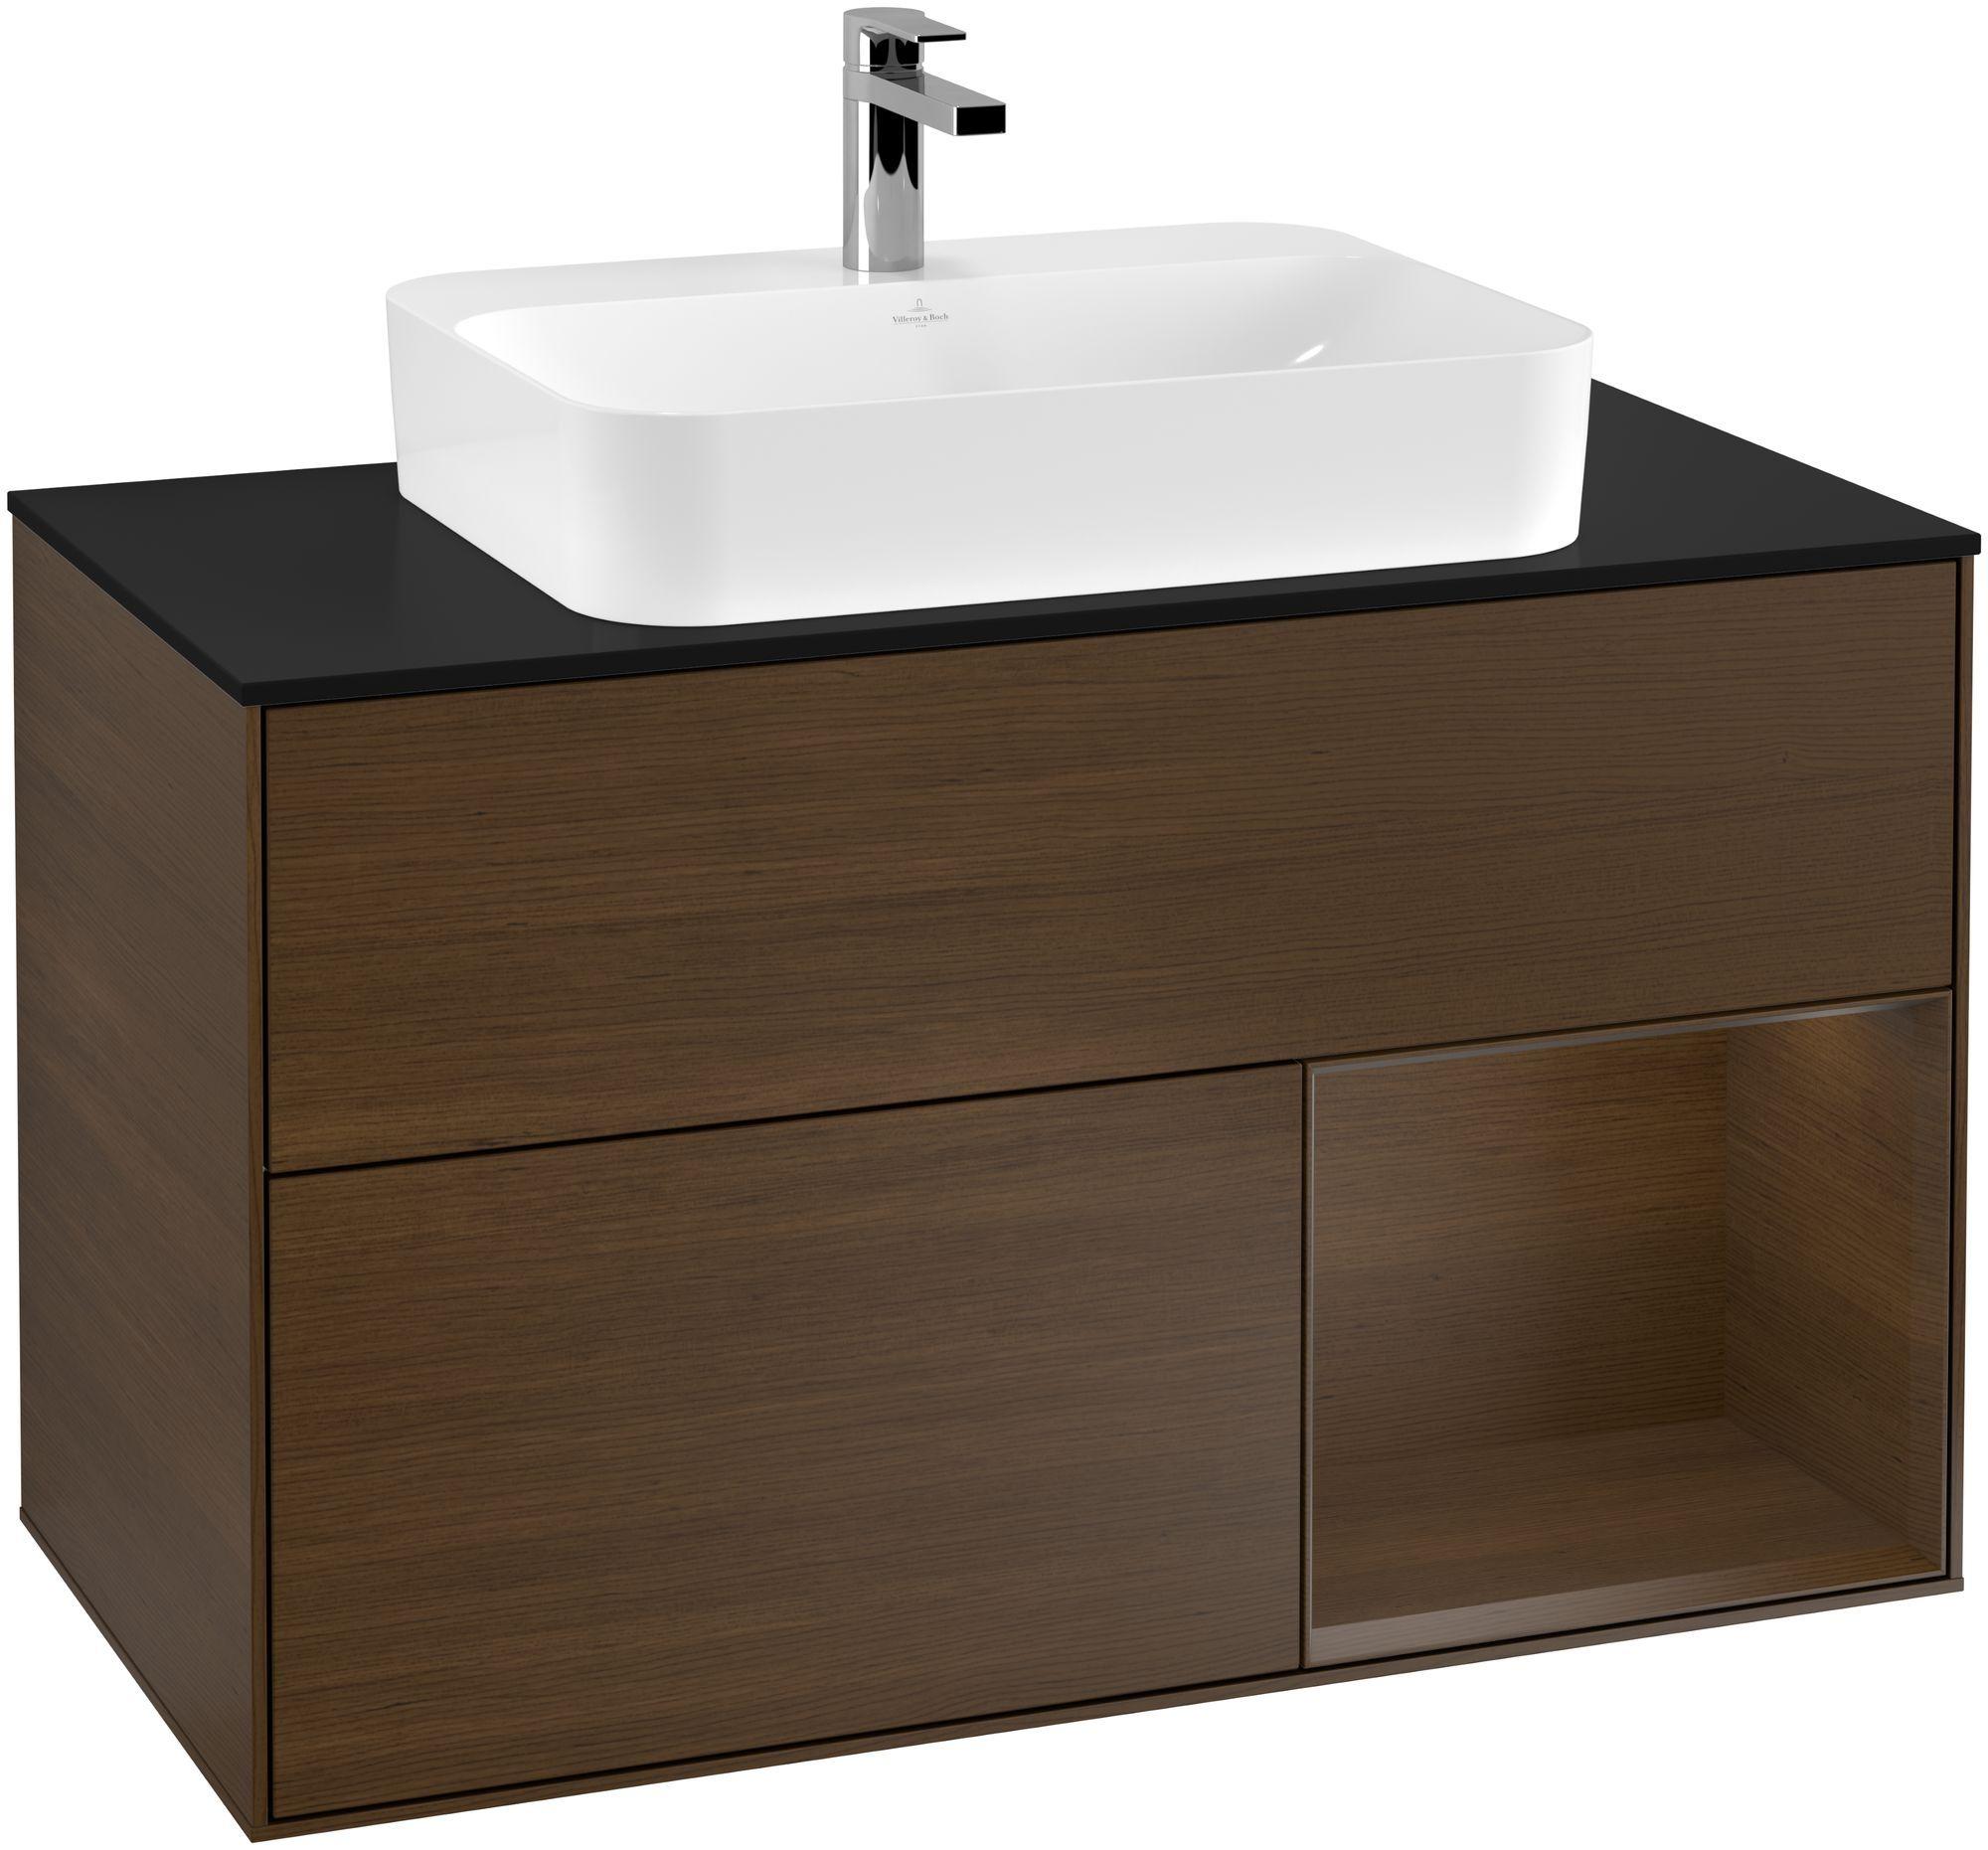 Villeroy & Boch Finion F37 Waschtischunterschrank mit Regalelement 2 Auszüge Waschtisch mittig LED-Beleuchtung B:100xH:60,3xT:50,1cm Front, Korpus: Walnut Veneer, Glasplatte: Black Matt F372GNGN